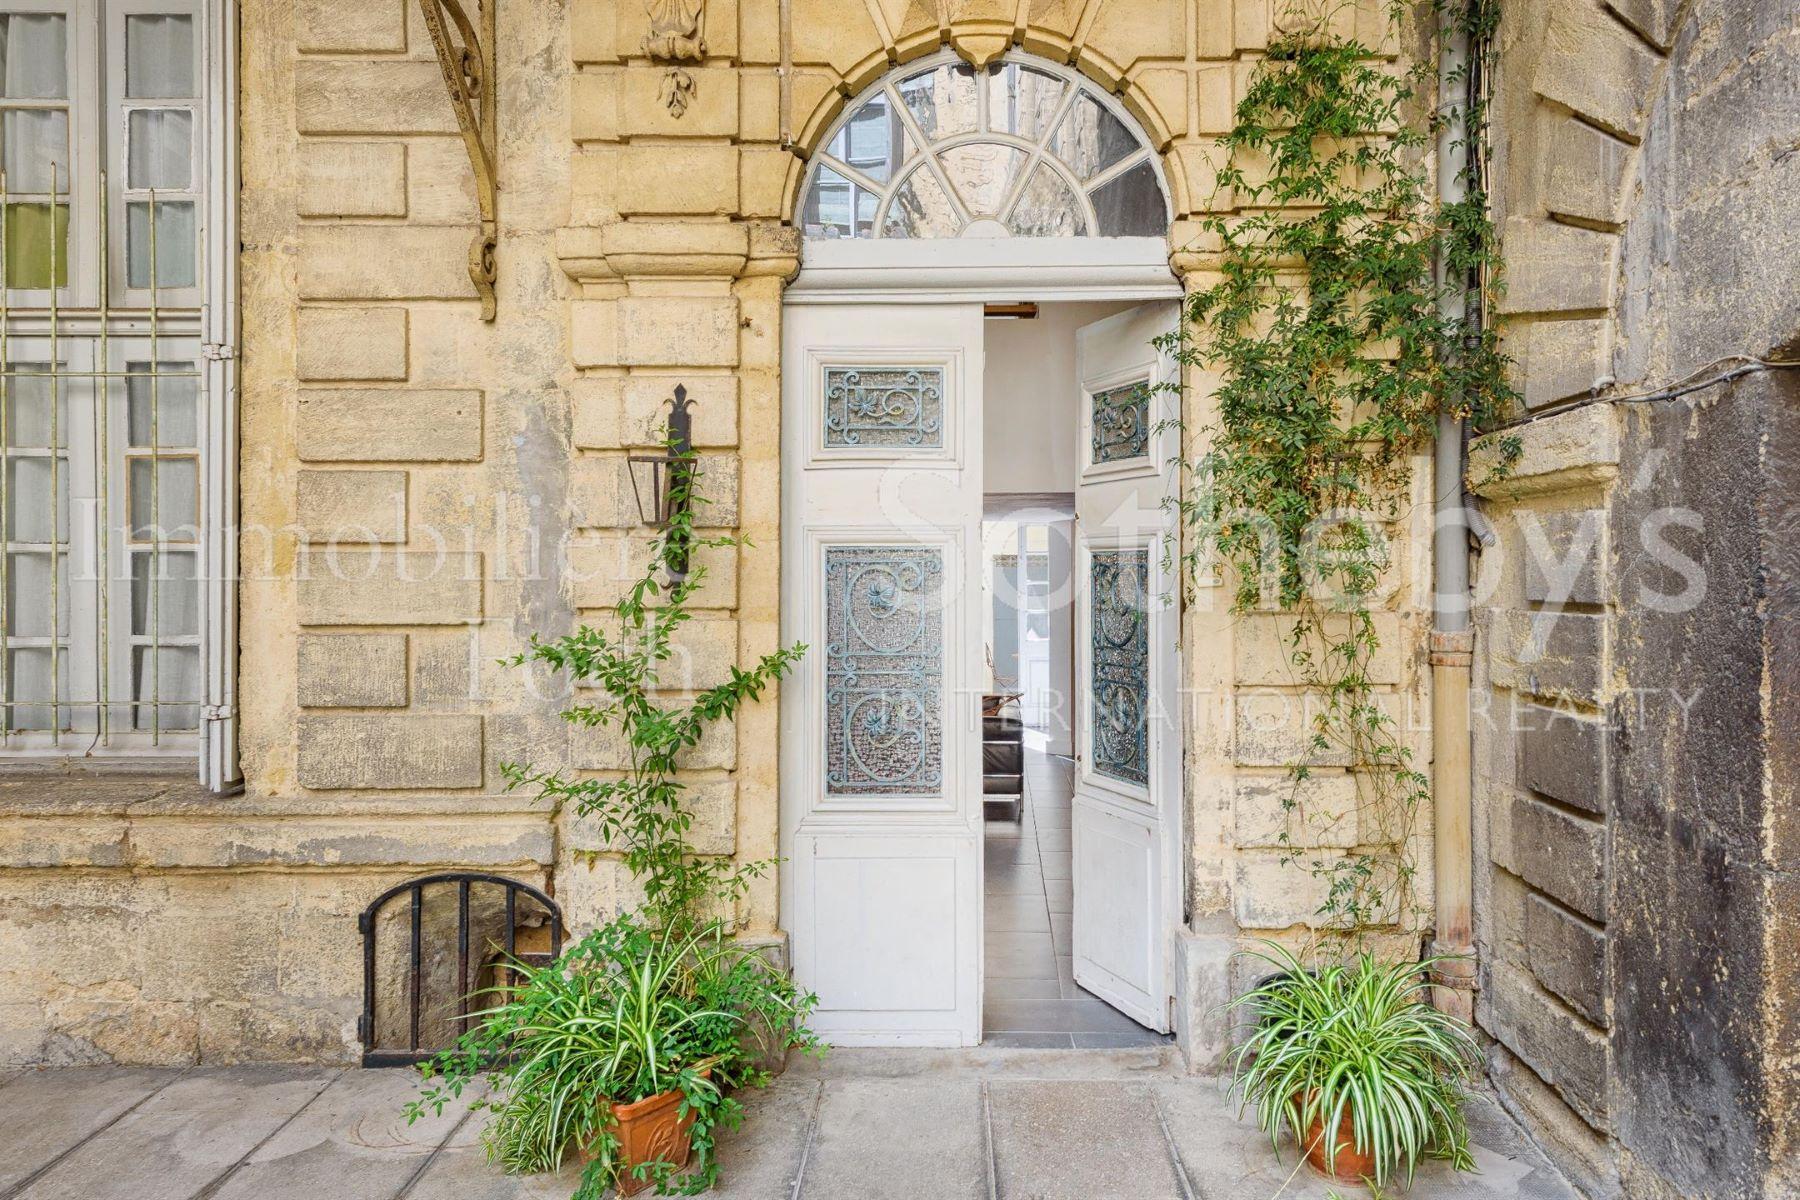 Apartamento por un Venta en Montpelier Historical Center - Amazing flat with courtyard Montpellier, Languedoc-Rosellón, 34000 Francia